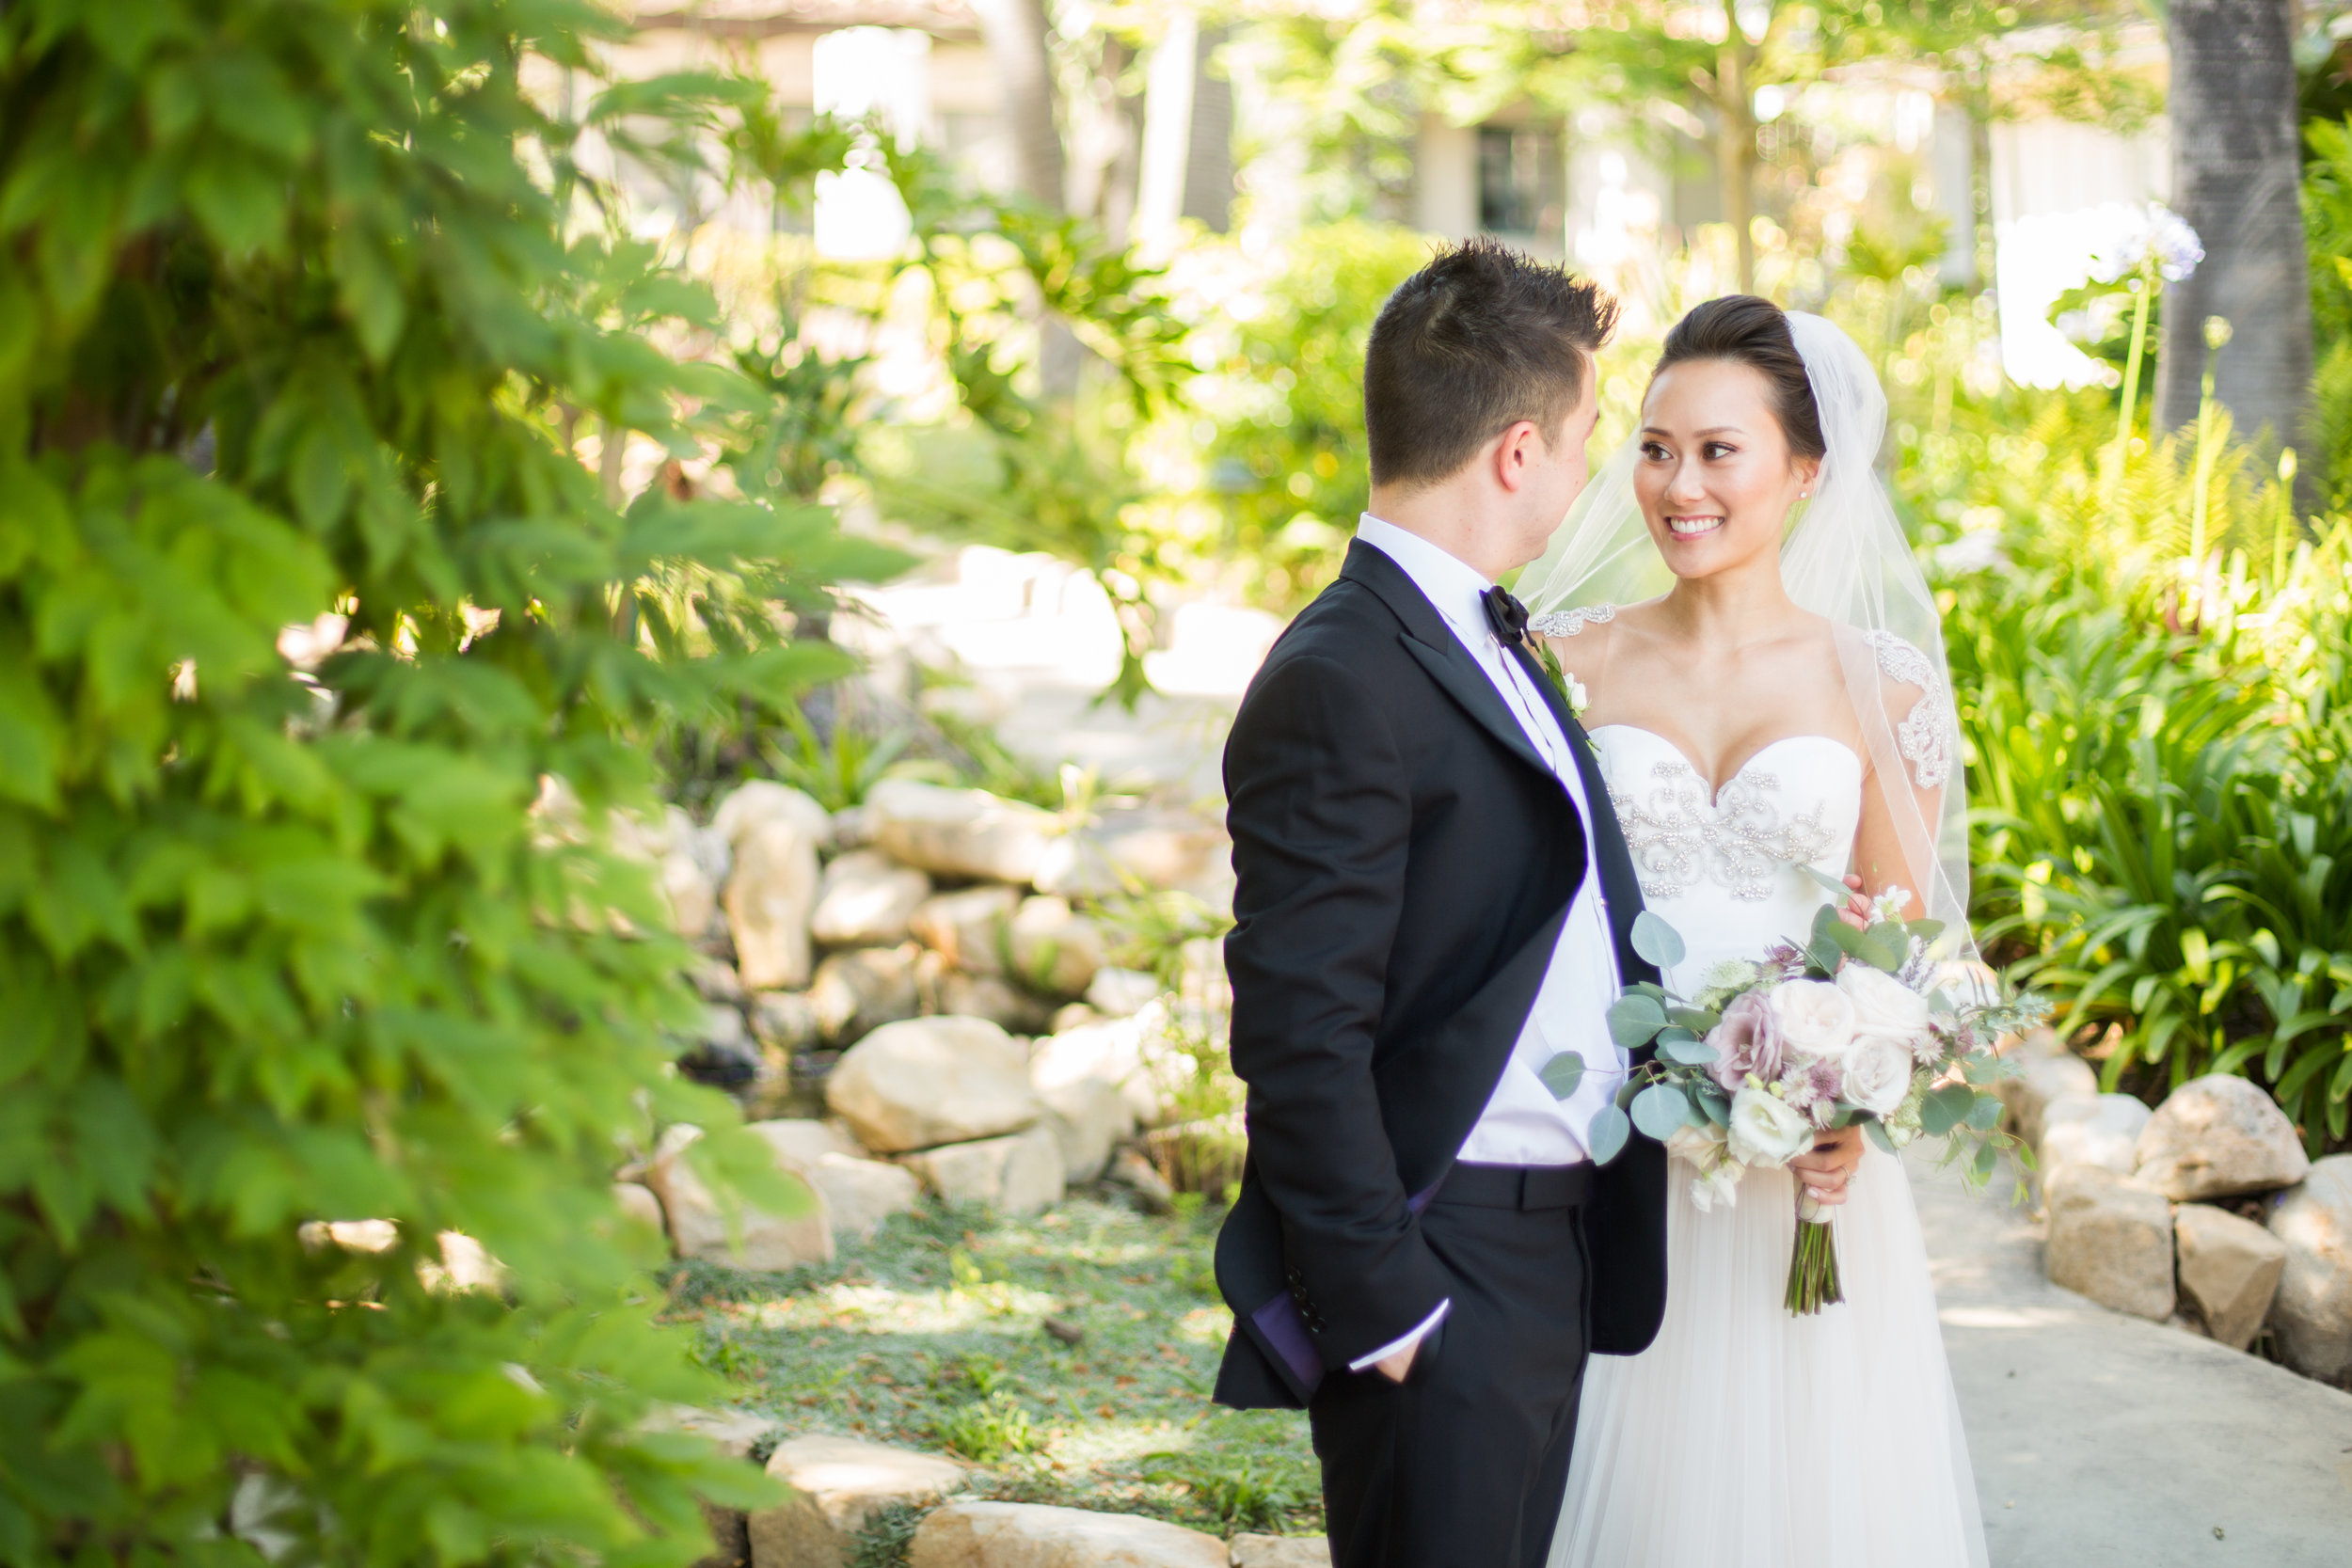 jeff_joanna_el_encanto_wedding_photos-377.jpg